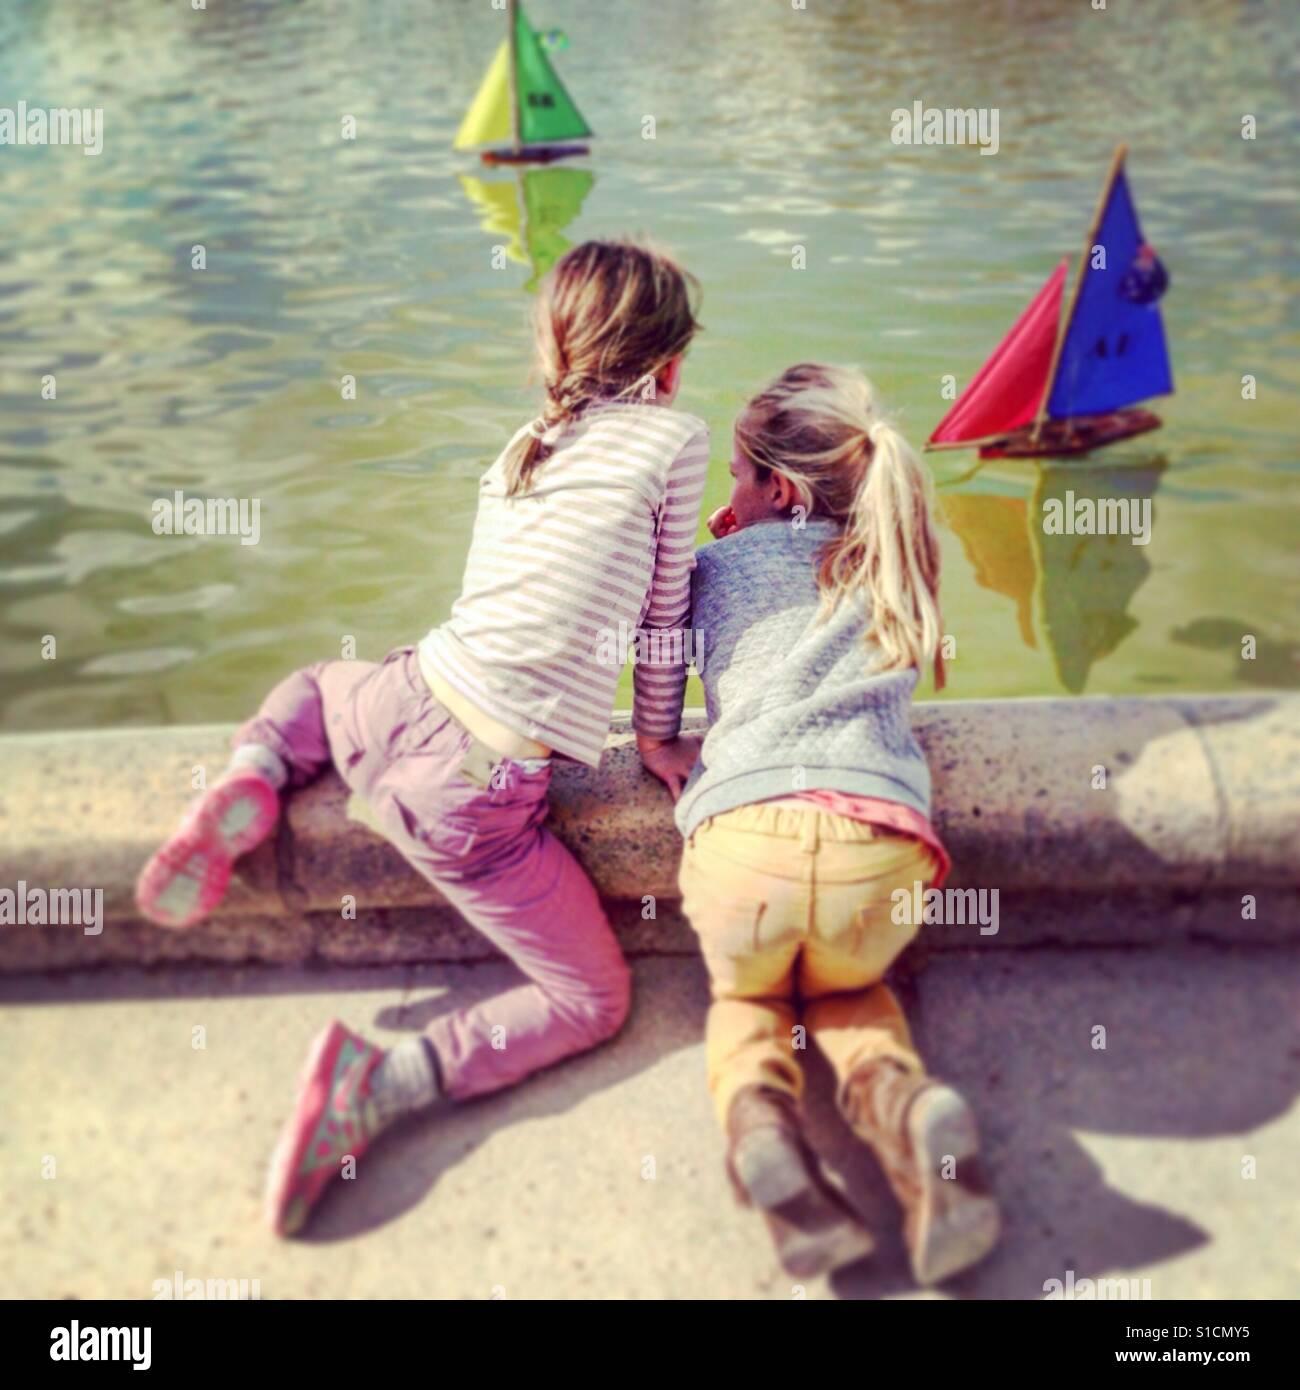 Freundinnen sehen die Spielzeugboote an Luxemburg Park Paris, Frankreich. Stockfoto